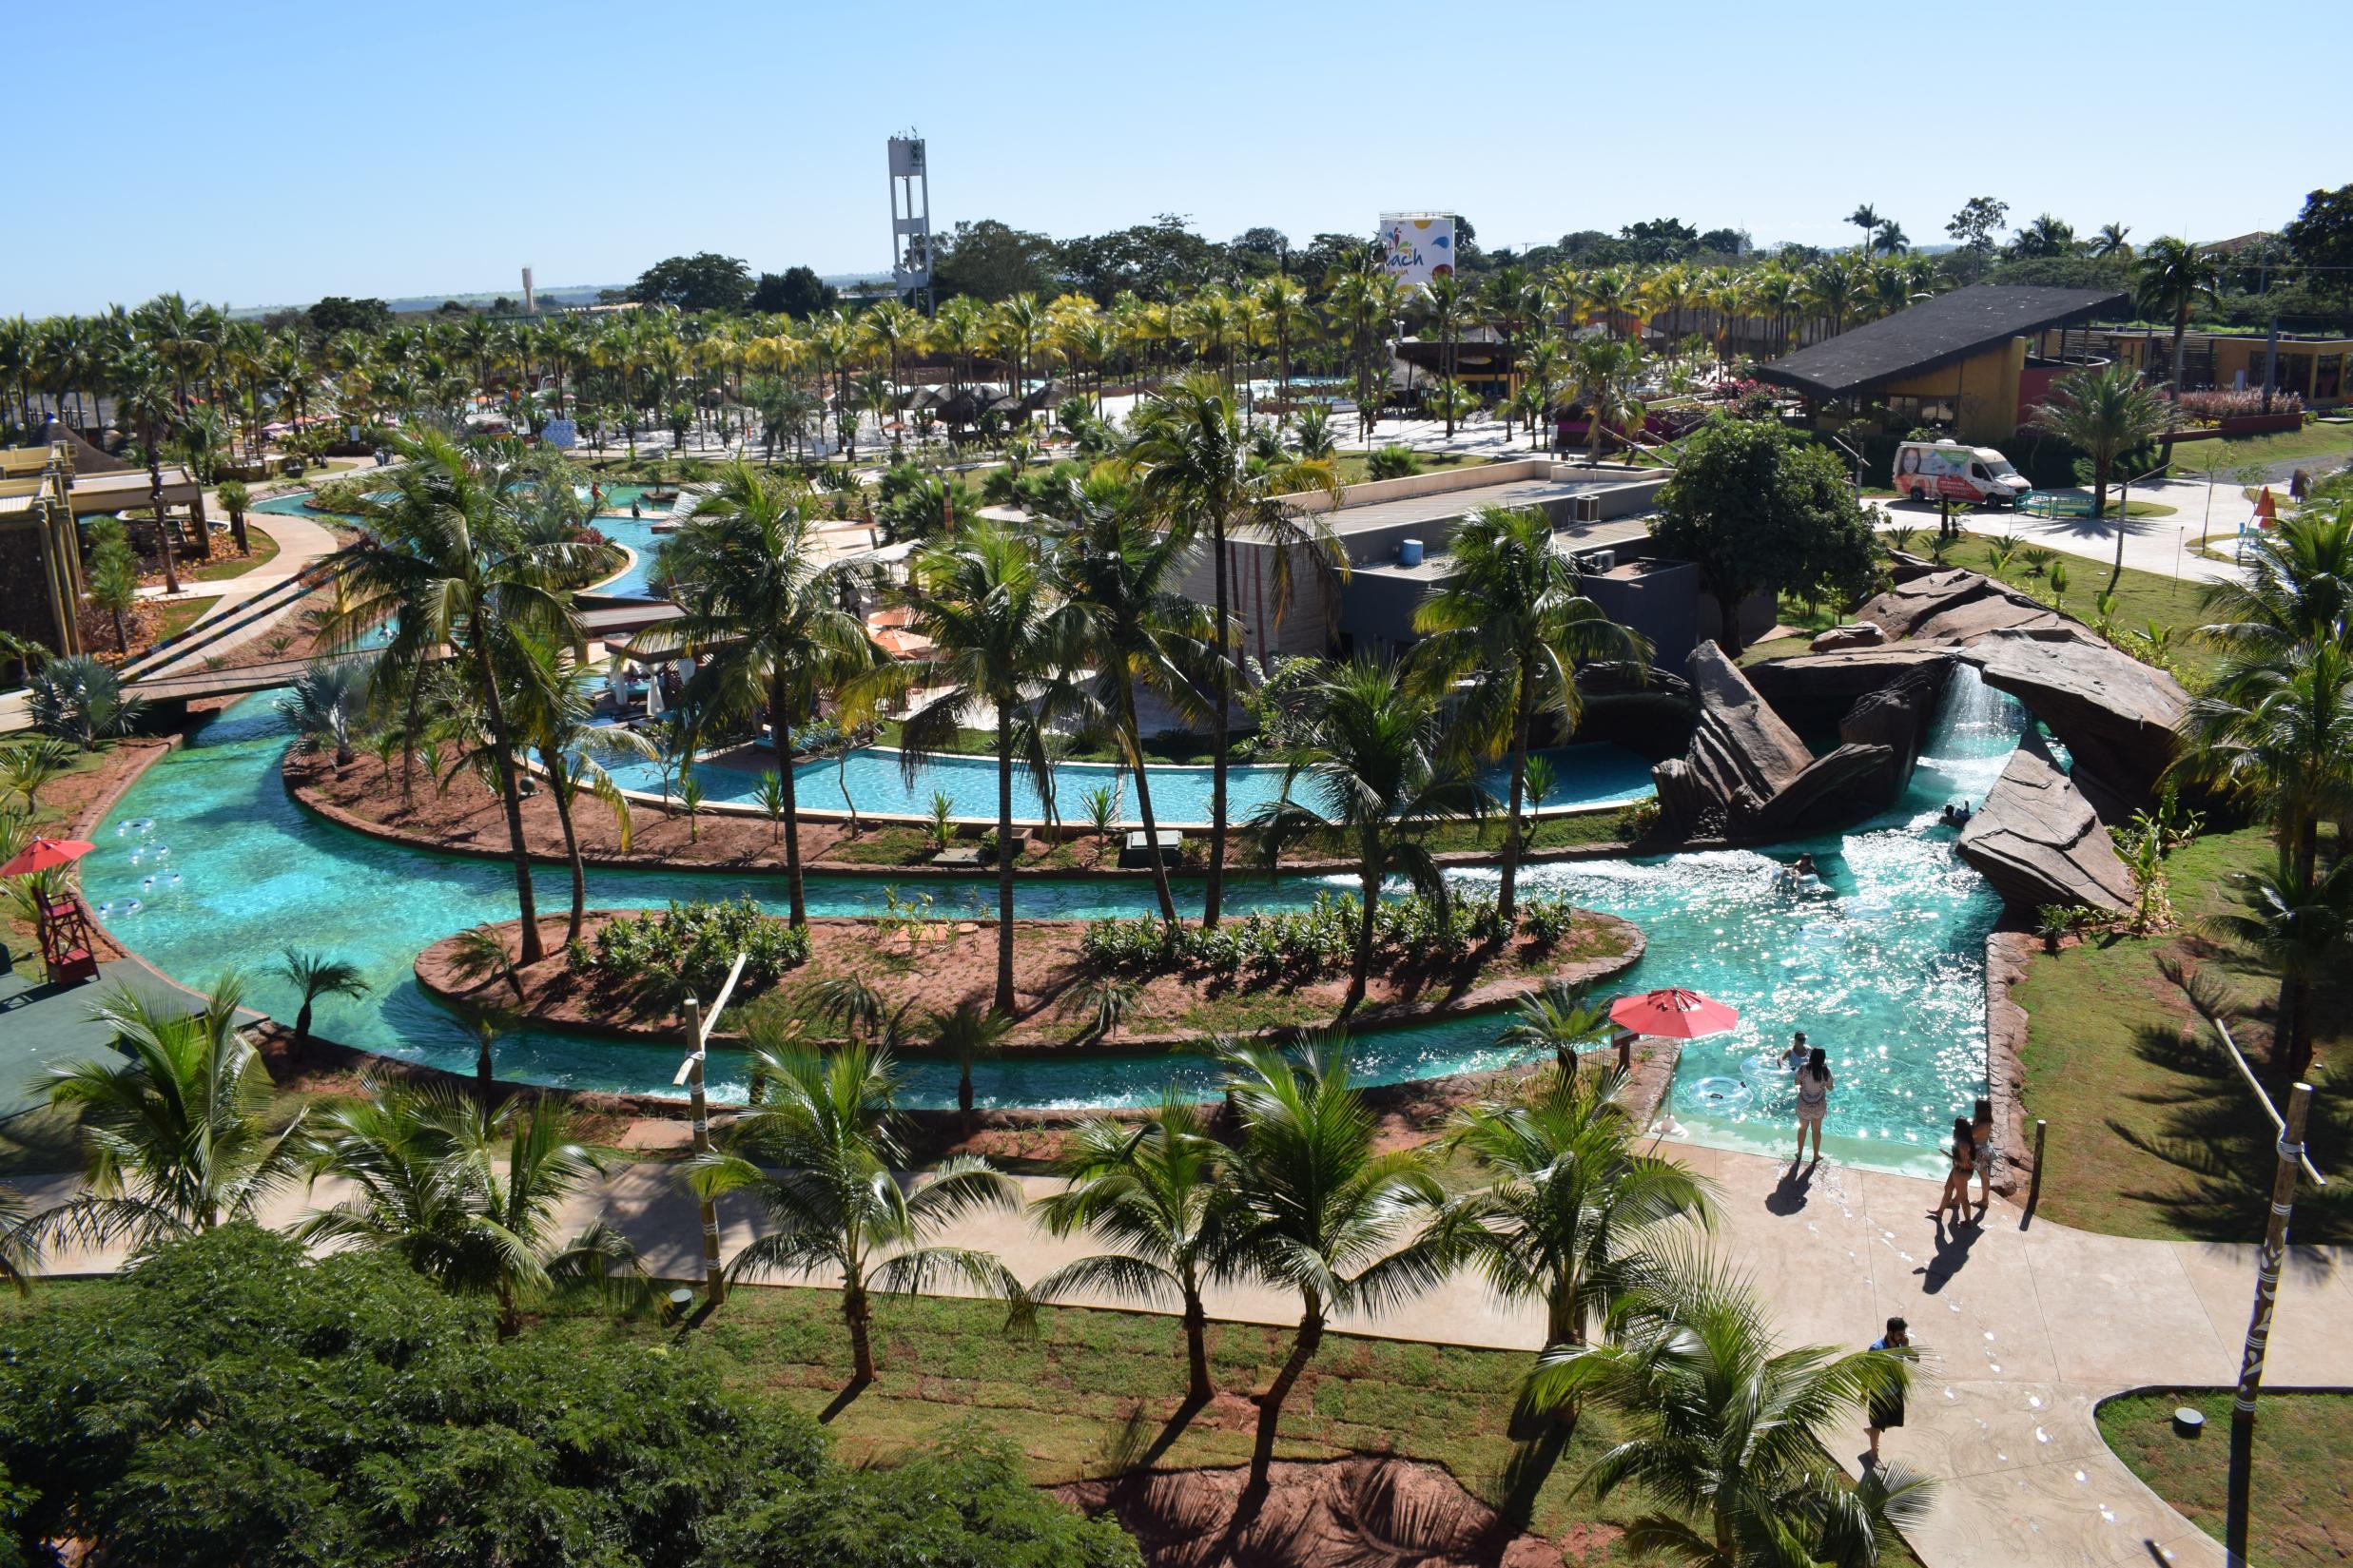 O Parque AquáticoHOT BEACHoferece atrações radicais e moderadas para toda família, em […]